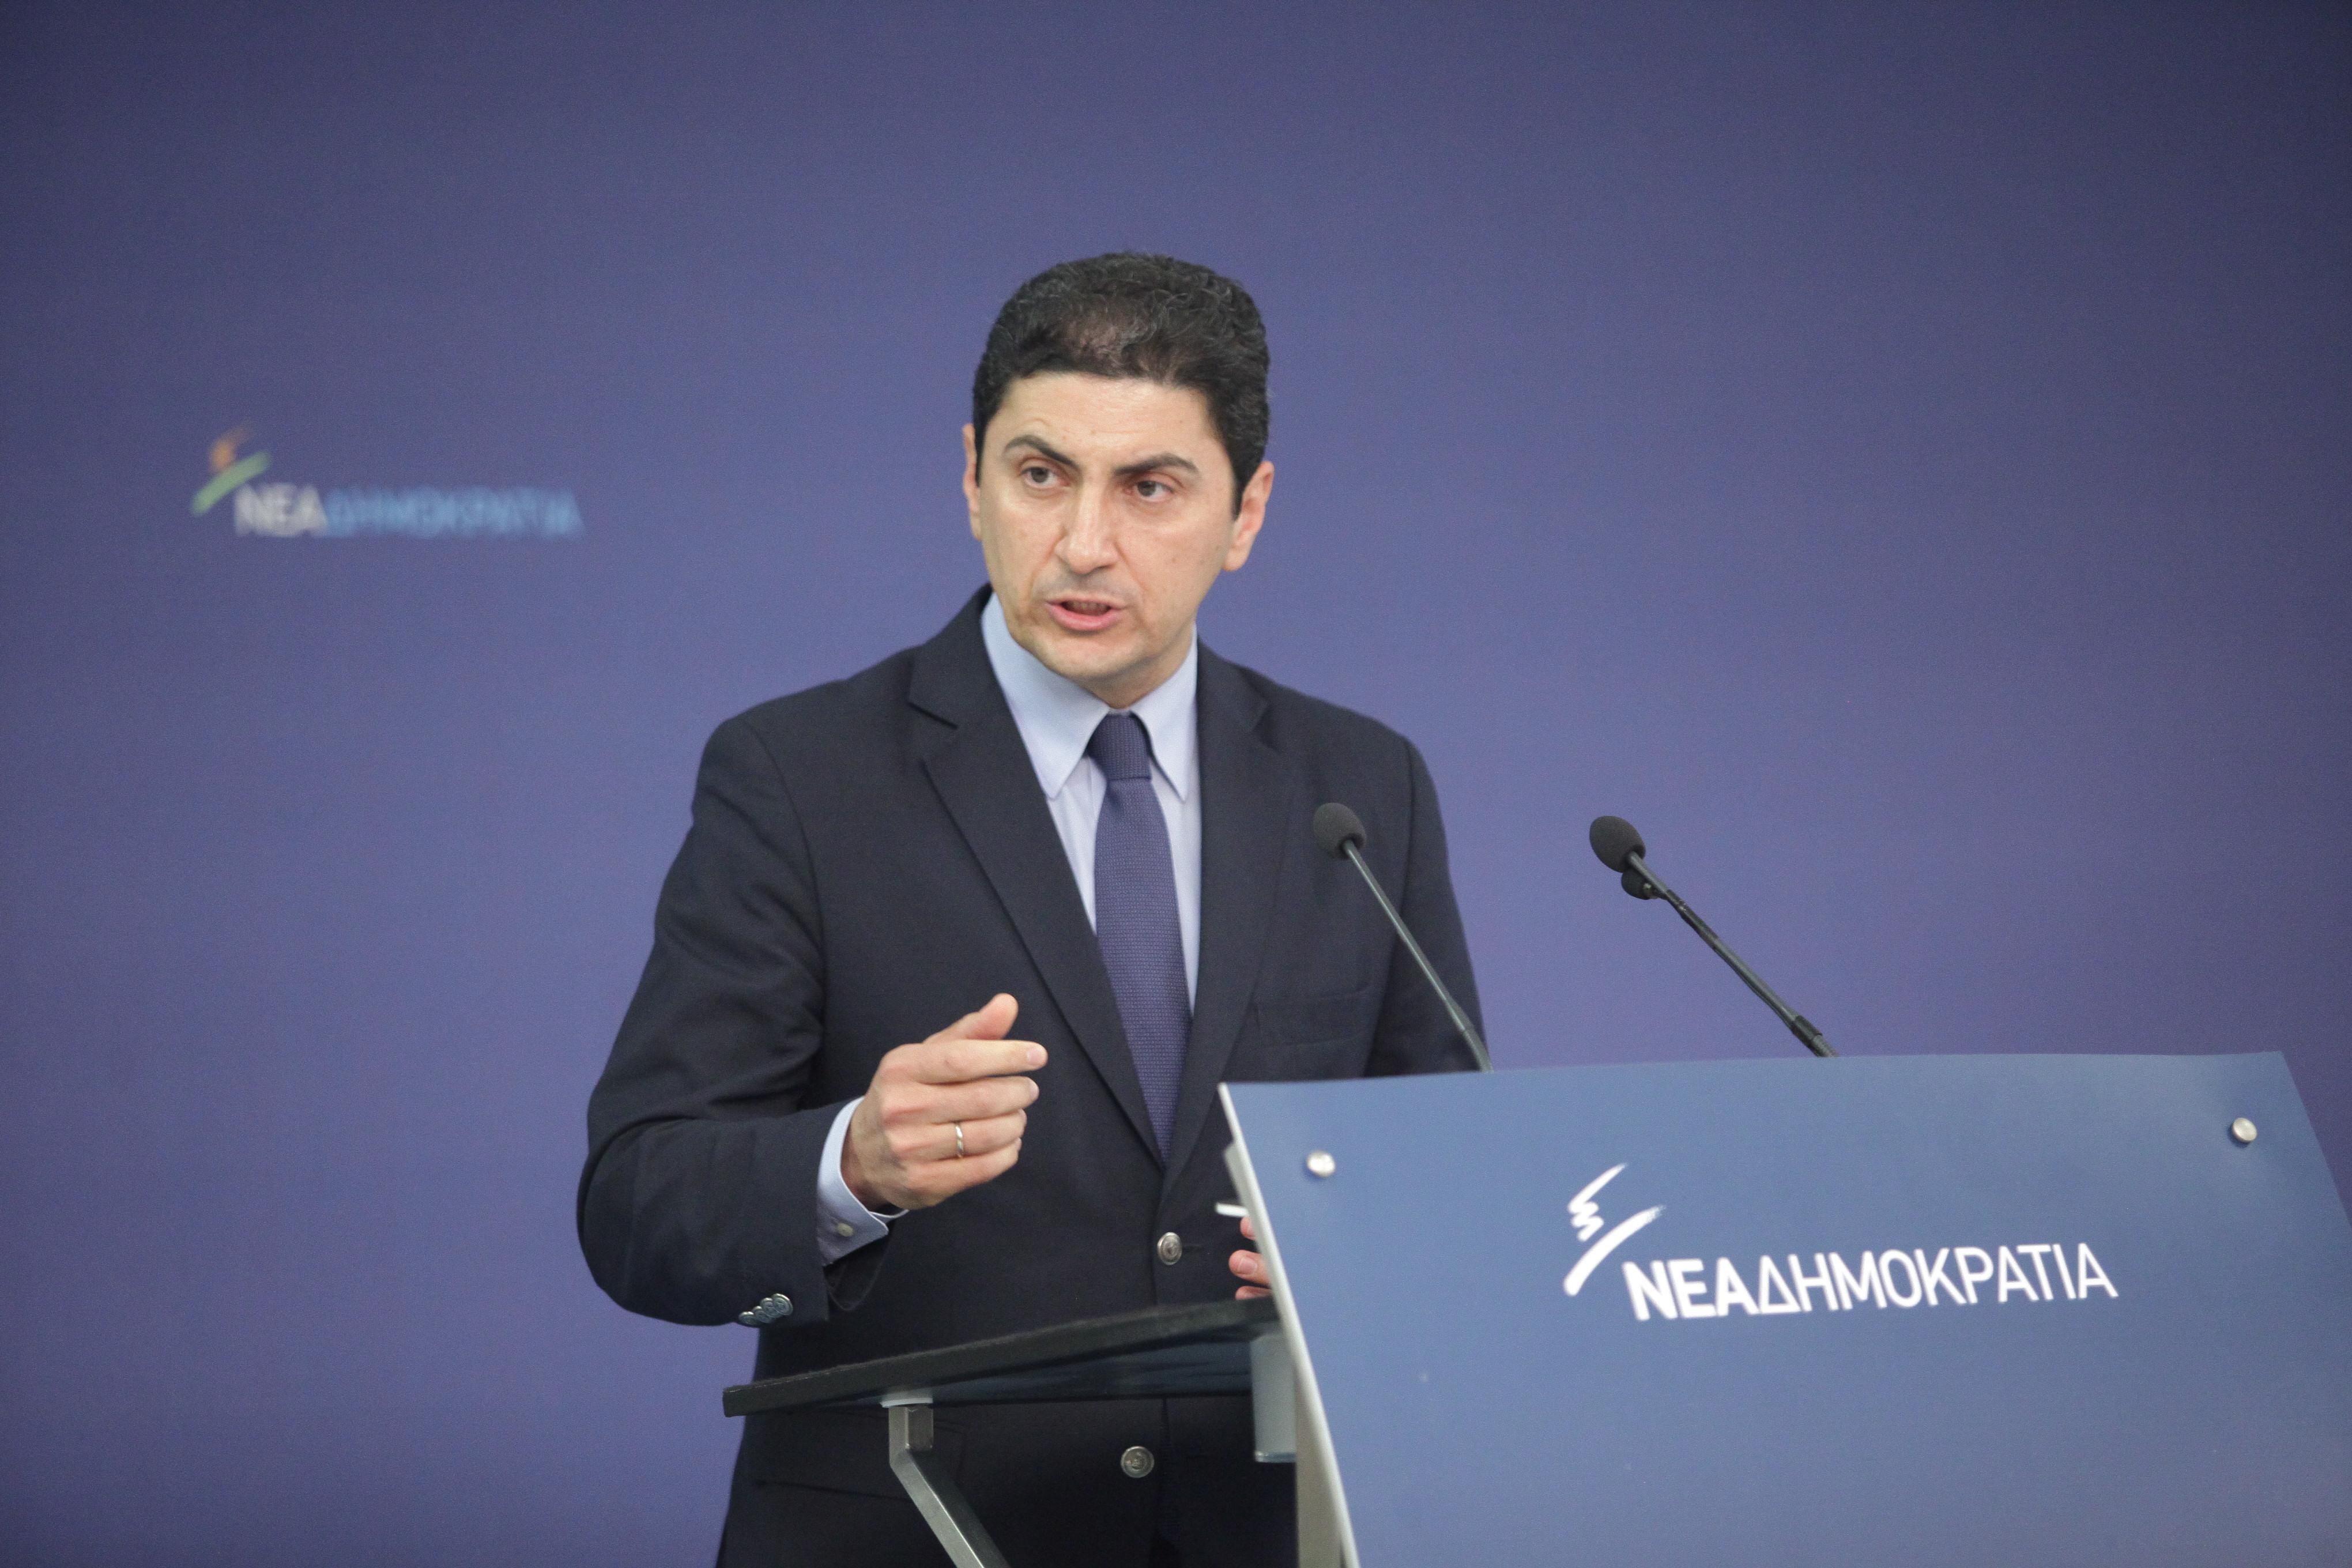 Αυγενάκης σε Τσιρώνη: Αν δεν φταίνε οι παραιτηθέντες, τότε ποιοι είναι οι πραγματικοί υπαίτιοι; | tovima.gr